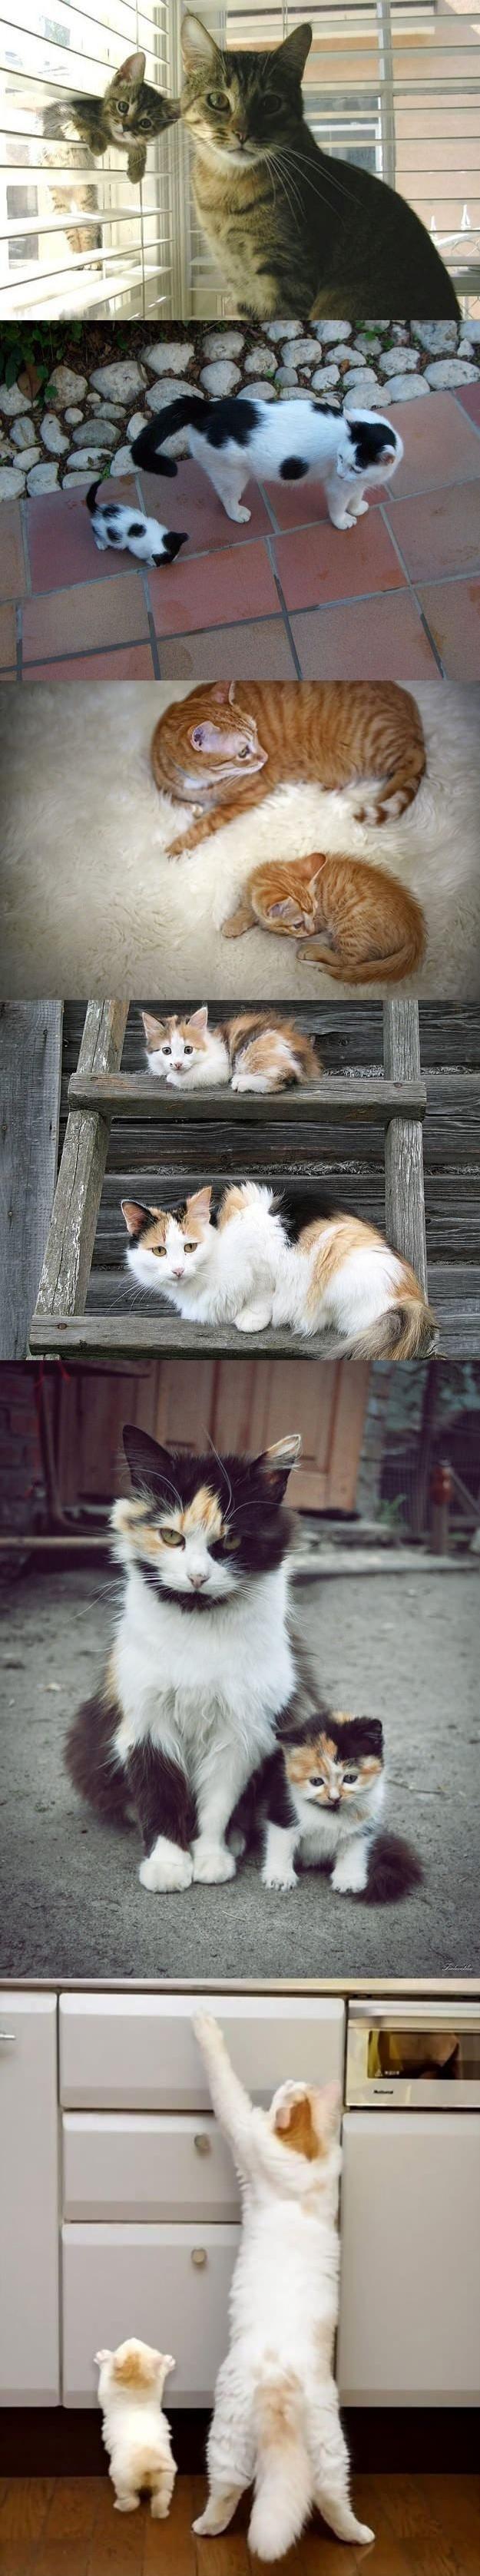 Like Mother, like Kitten. - Imgur